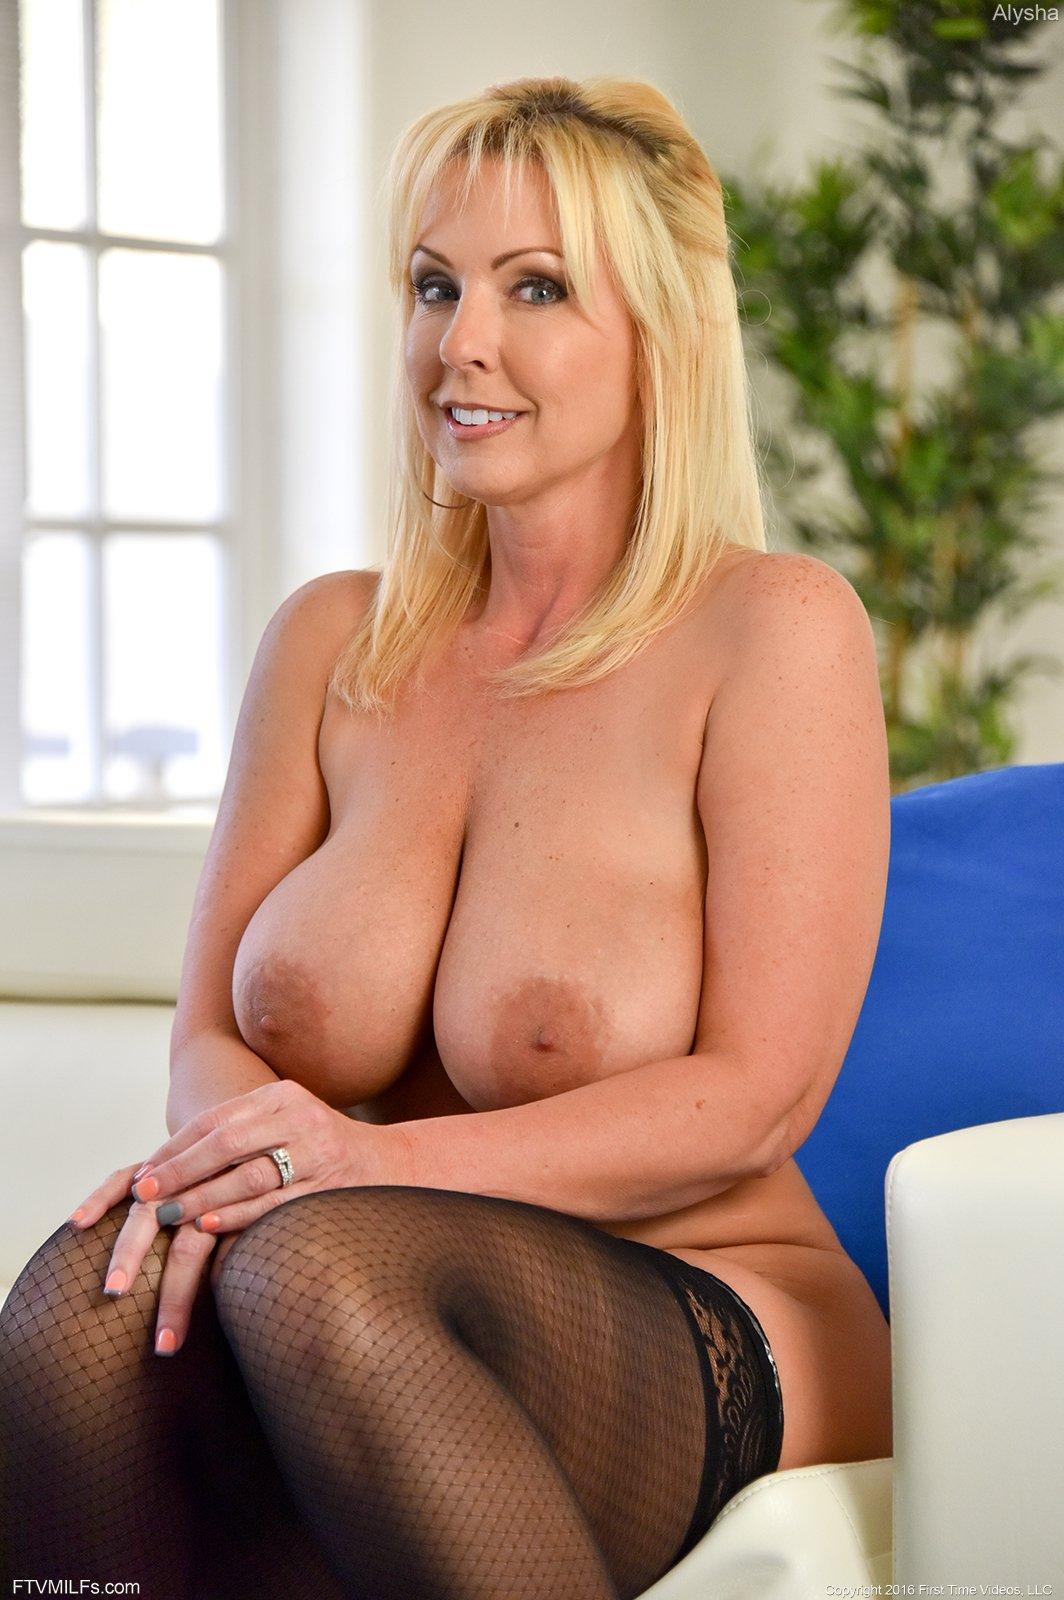 Blonde milf pornstar michelle thorne big tits